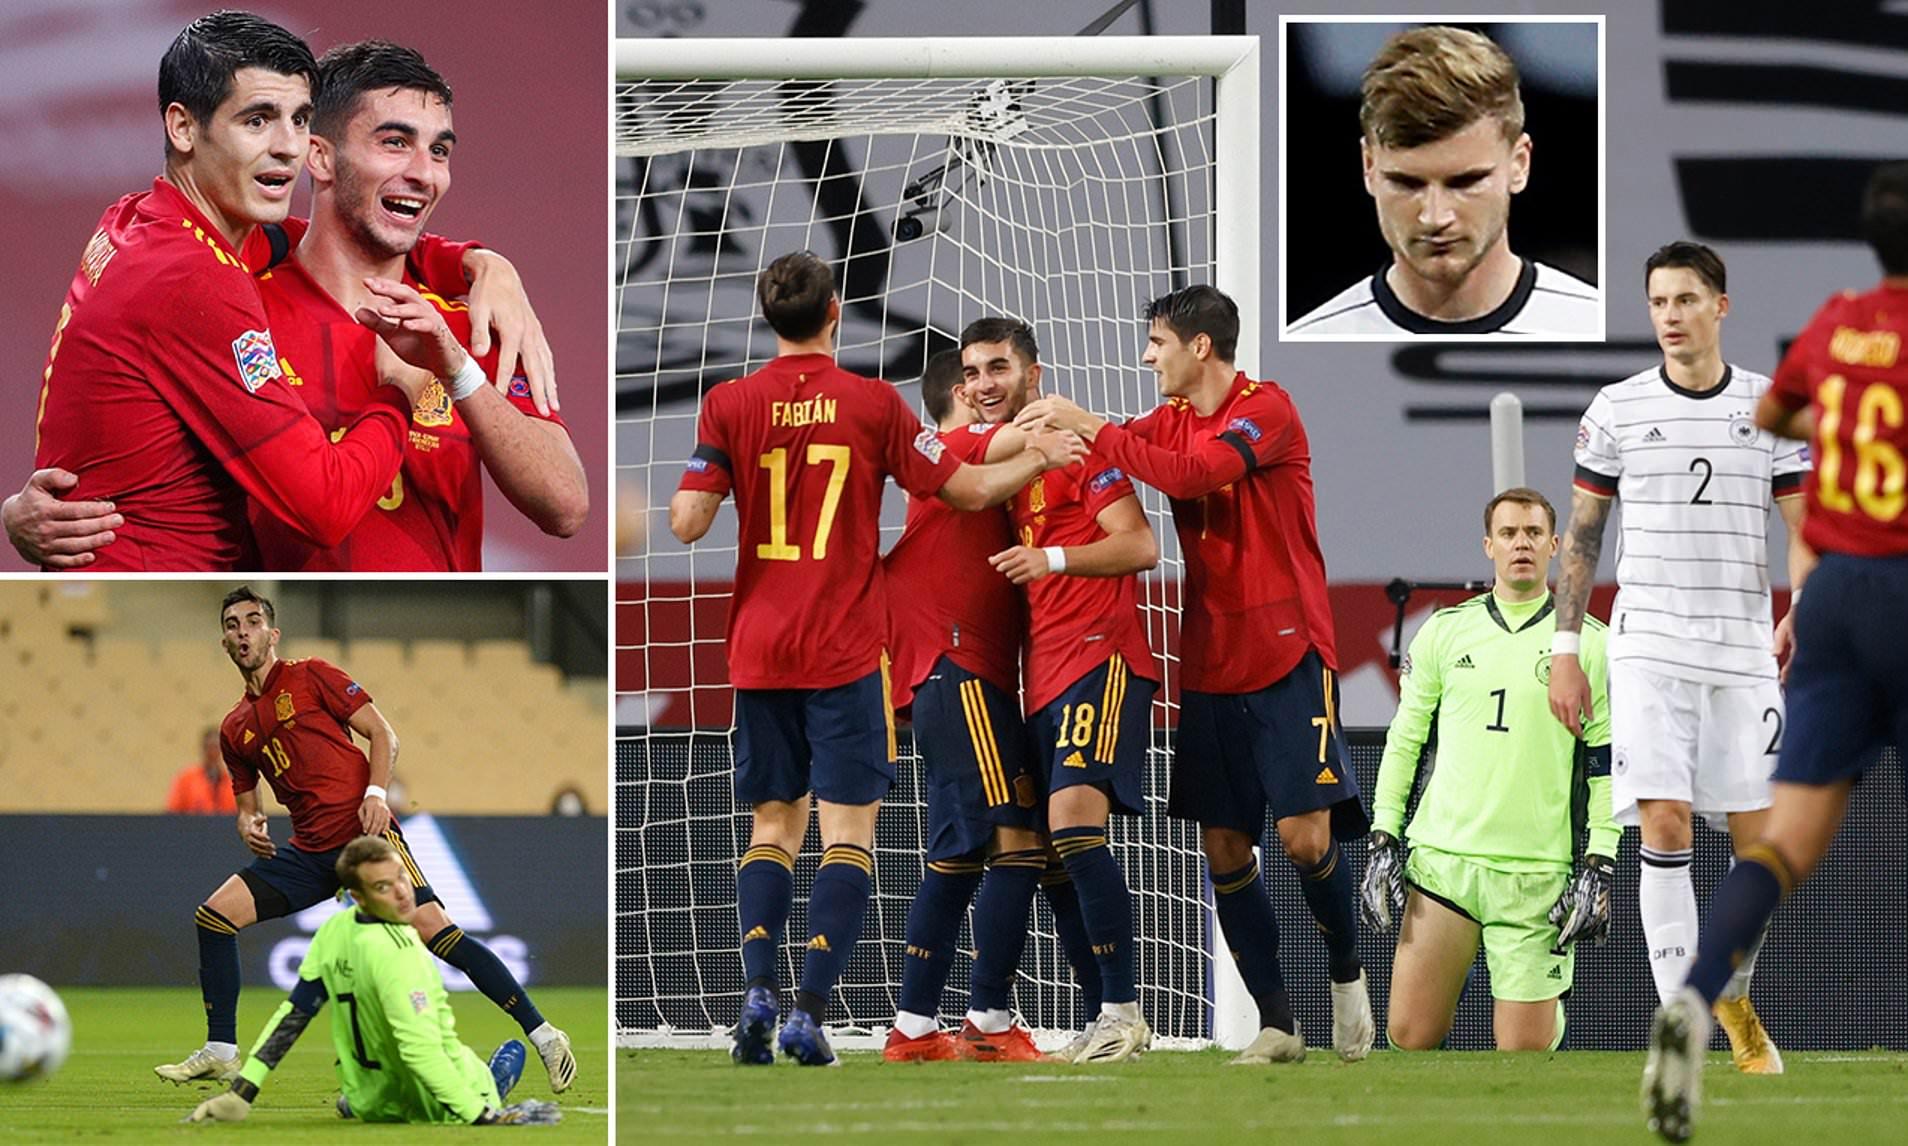 Tây Ban Nha 6-0 Đức: Thất bại nặng nề nhất của Đức và những con số kỷ lục